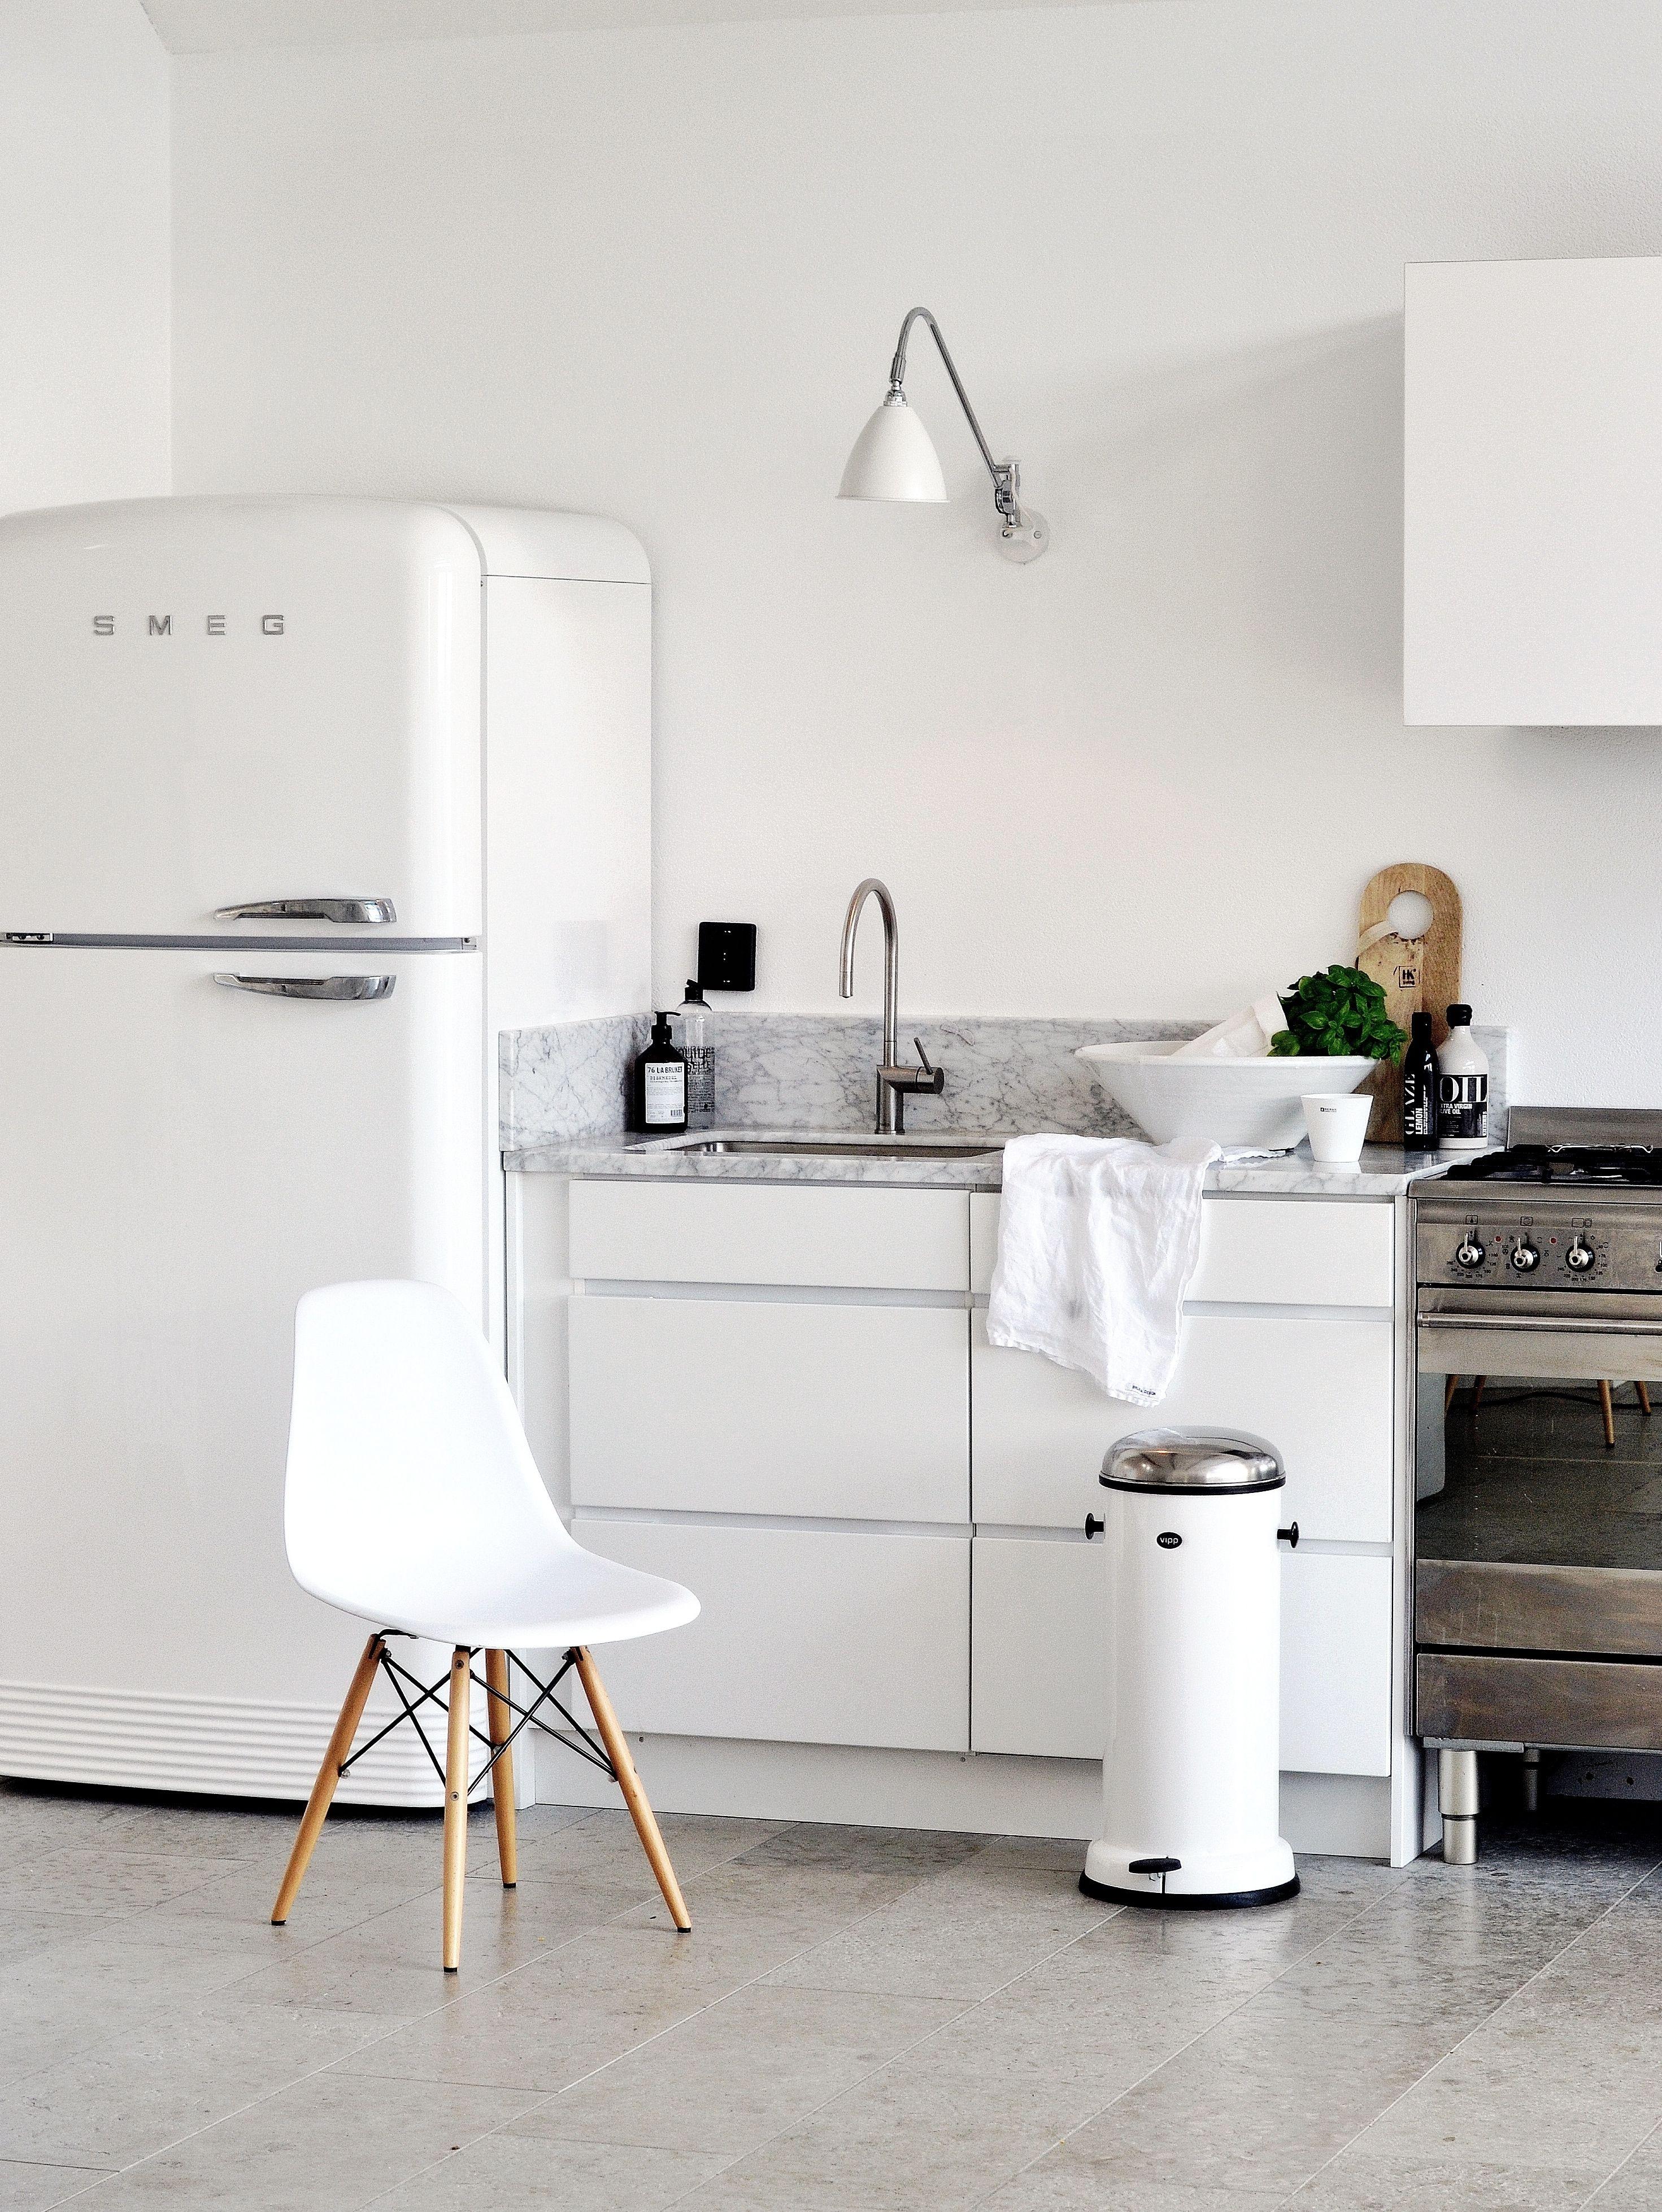 Pour ou contre ? Les suspensions dans la cuisine… | Smeg fridge ...